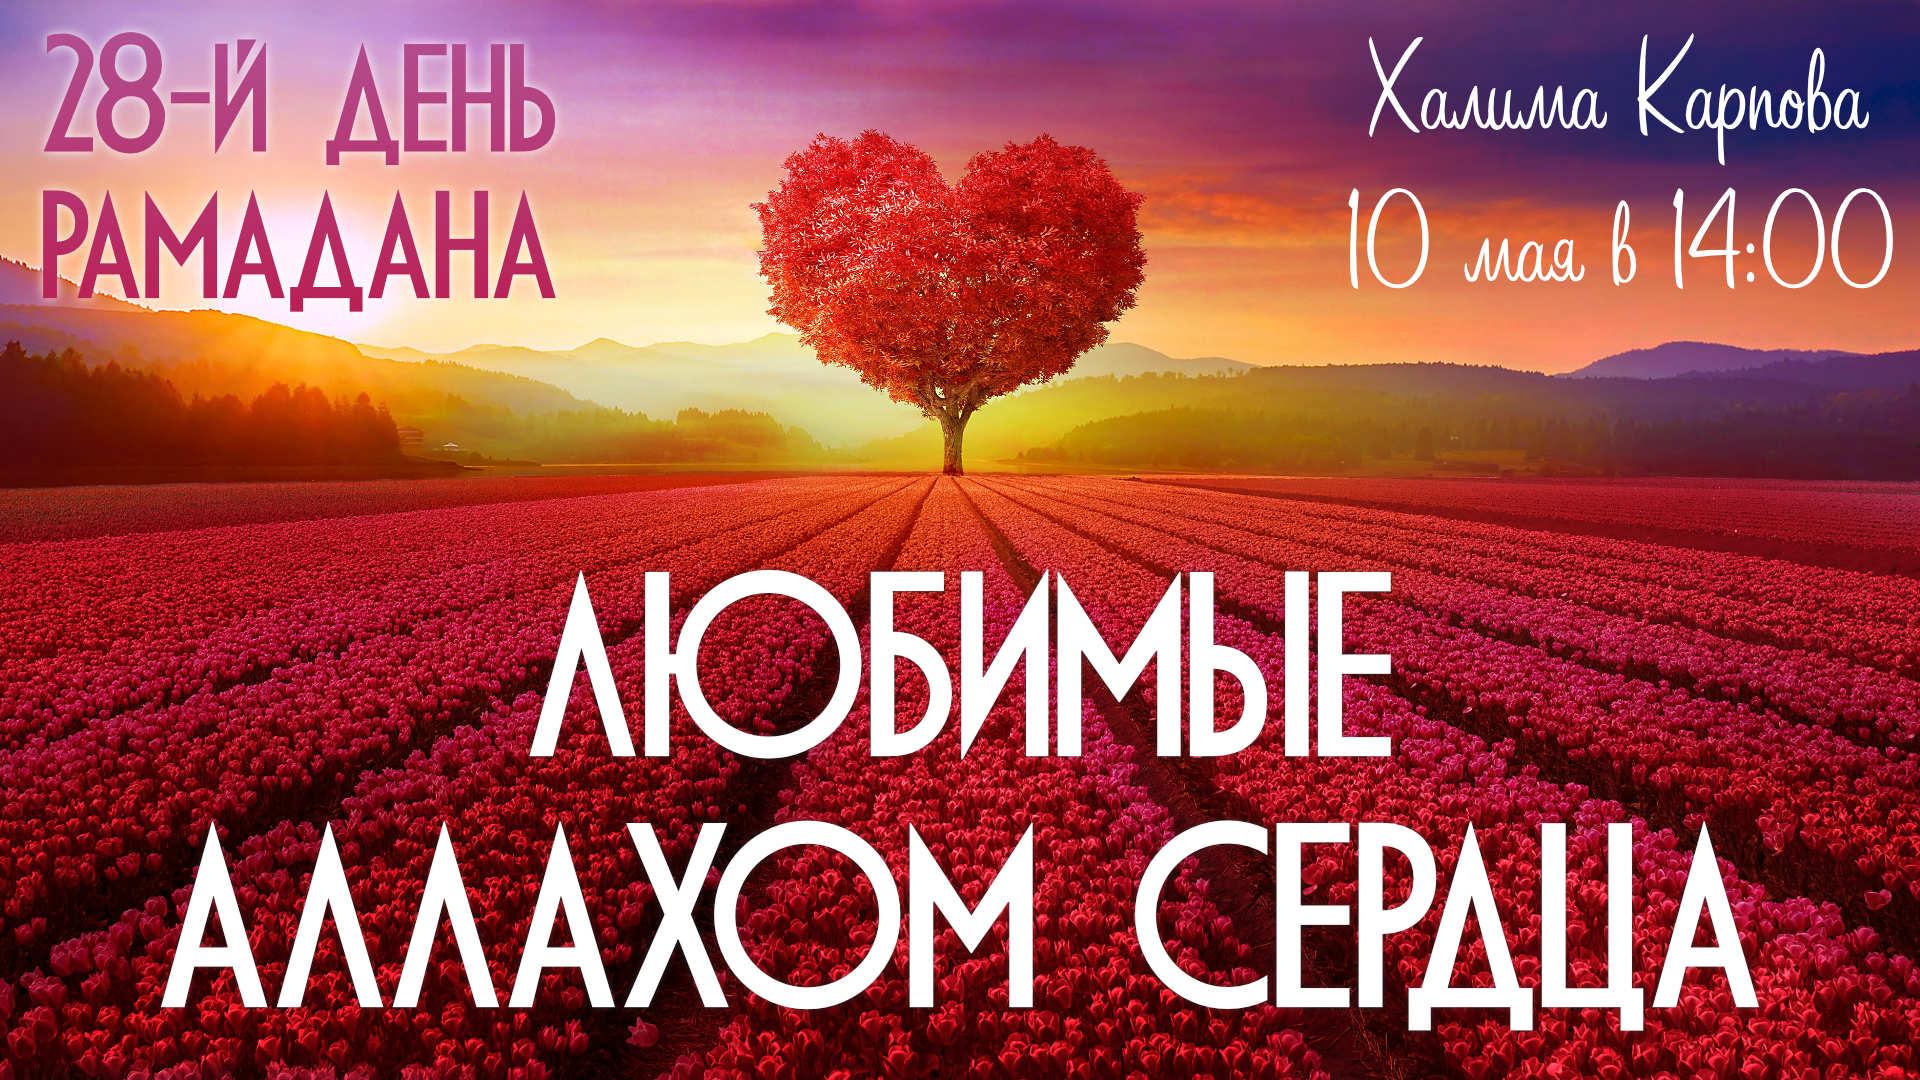 Любимые Аллахом сердца (день 28-й)